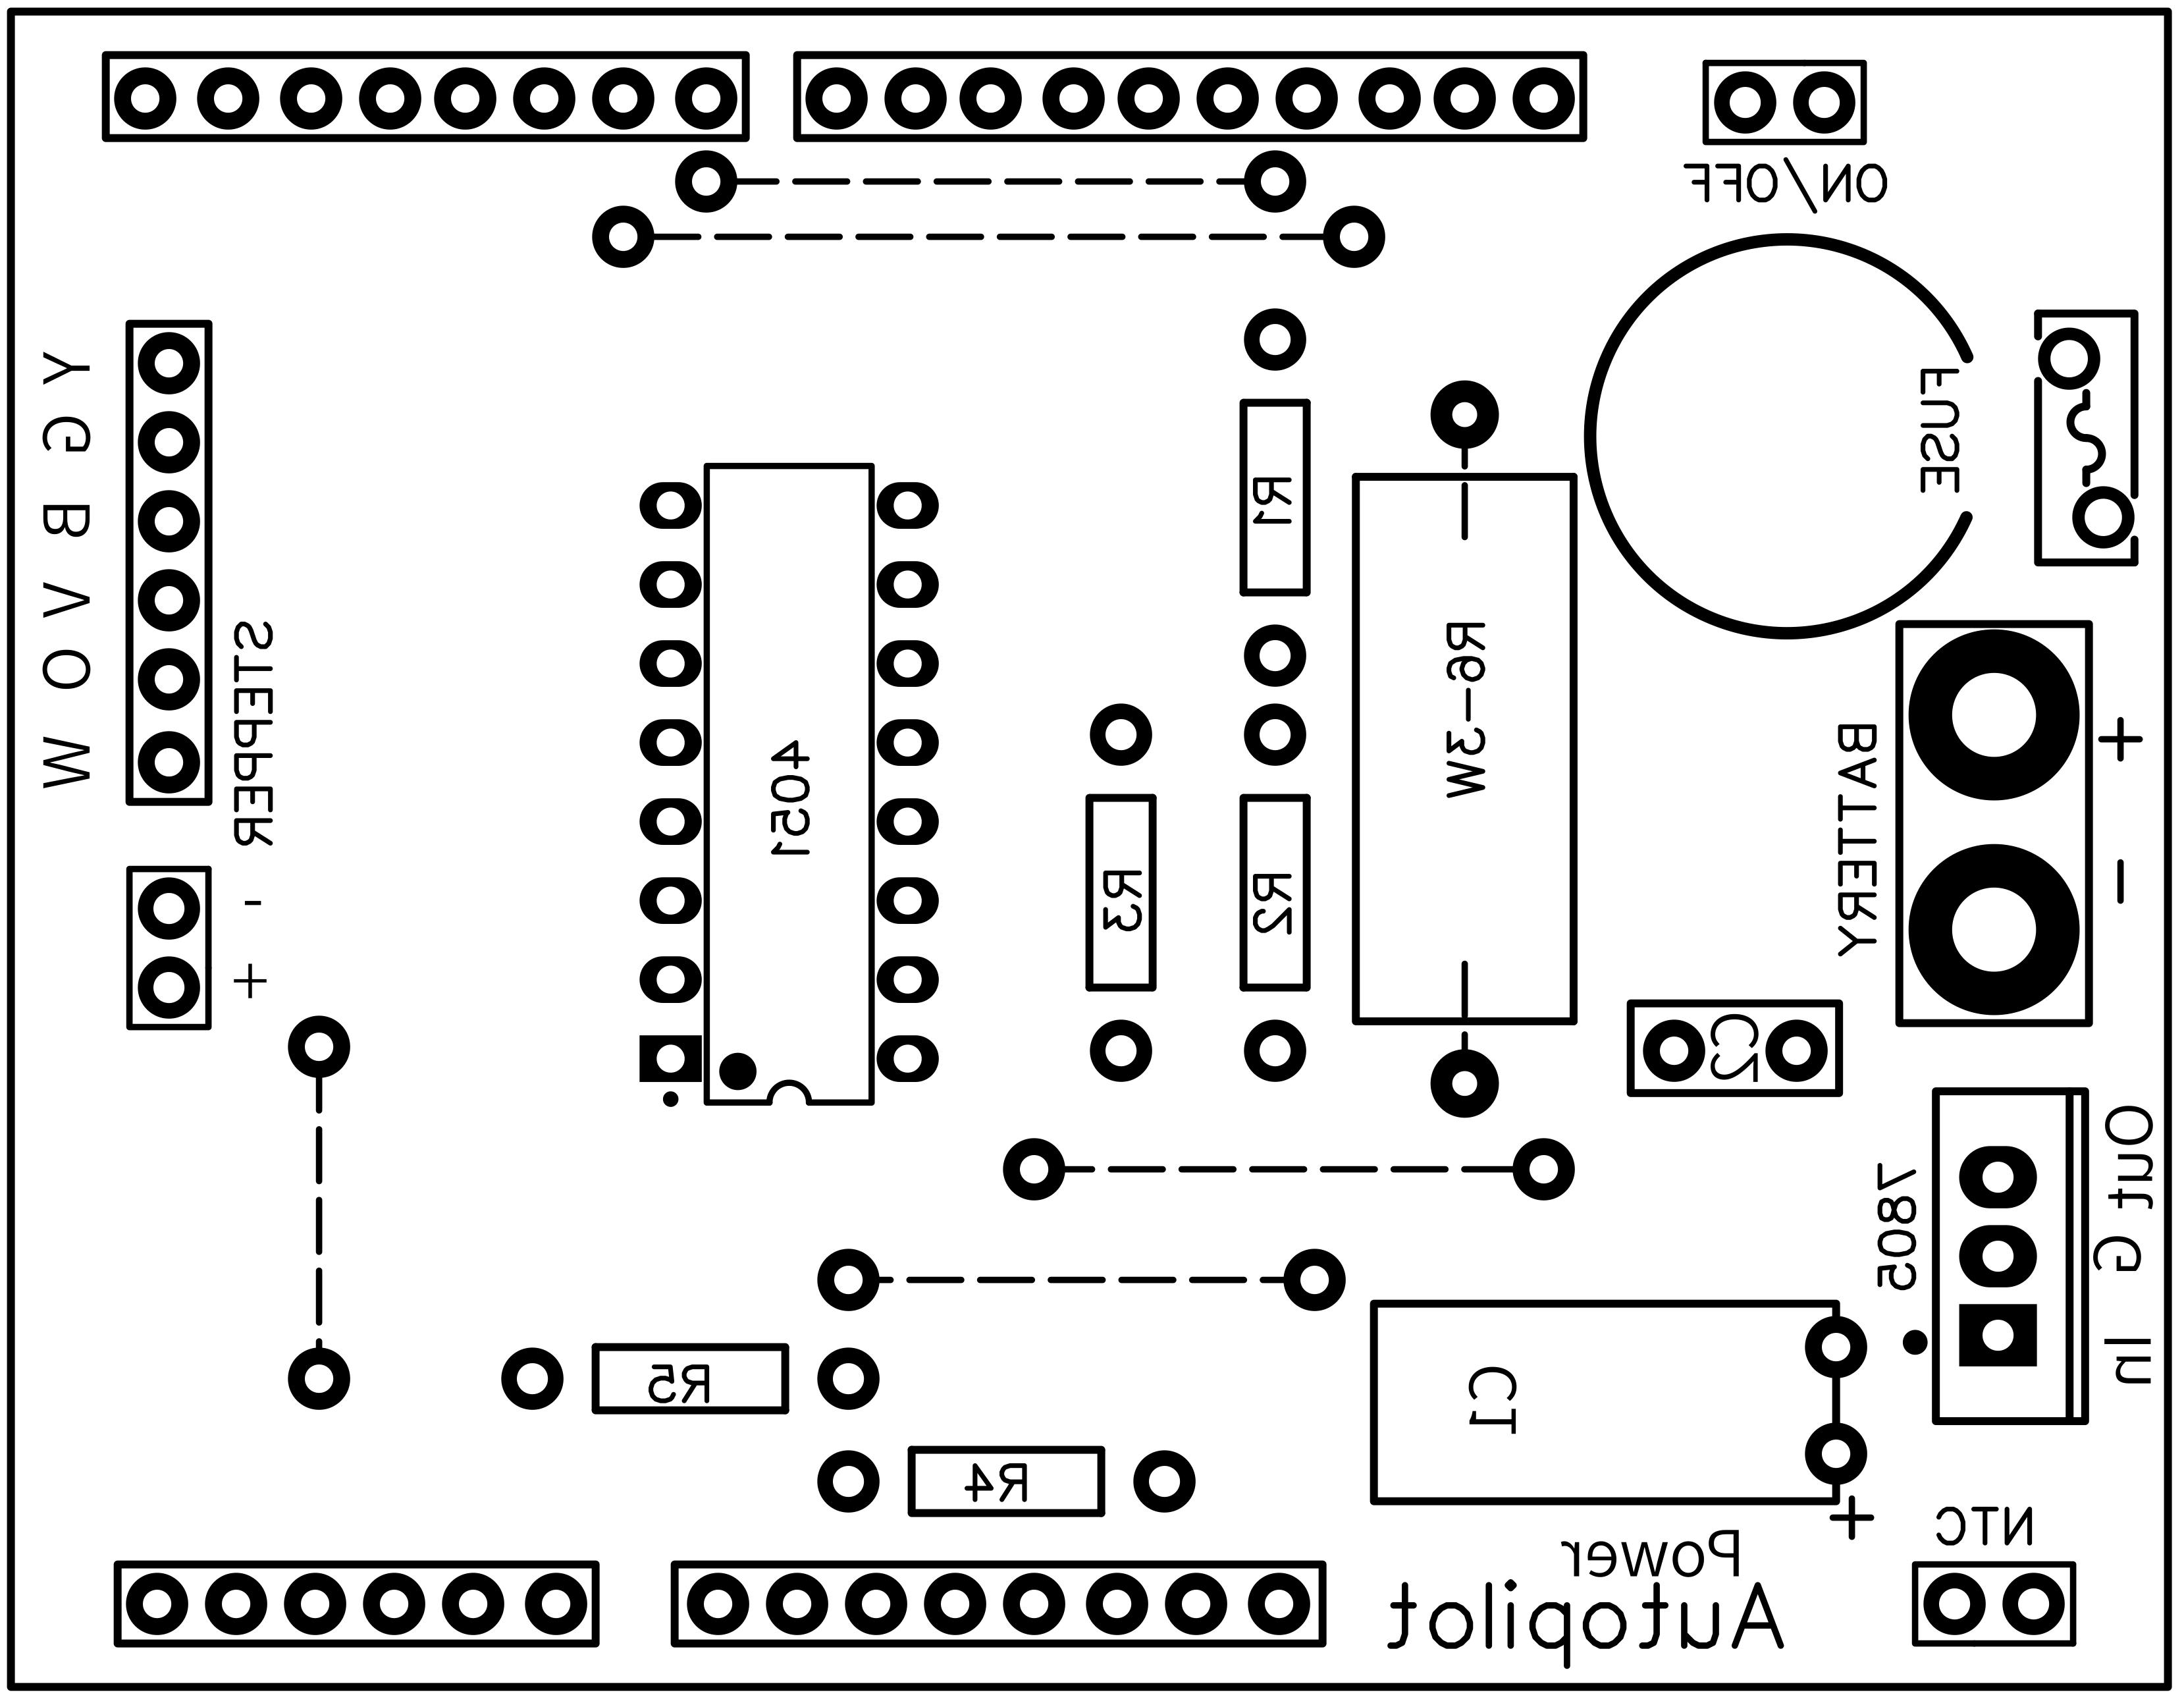 Pcb ard autopilot power componentface 4vc3pdhoyz